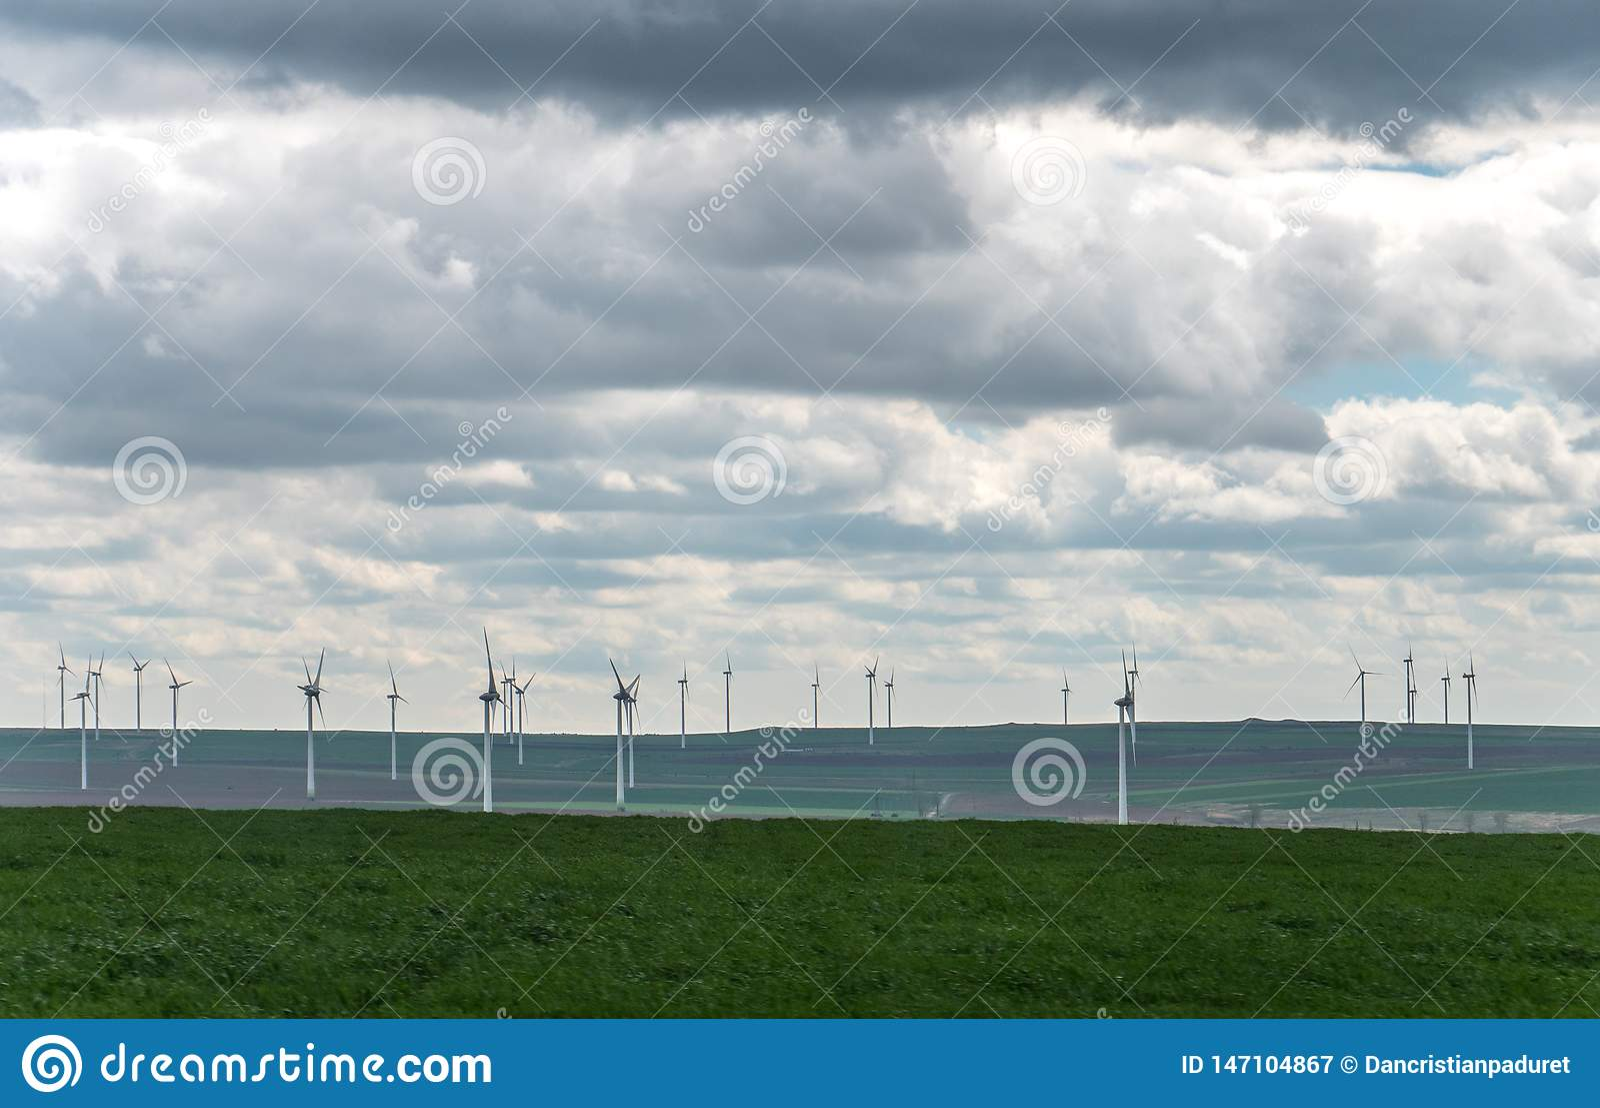 Landskap med ?kerbruka f?lt och gr?nomr?den p? en Sunny Day med molnig himmel